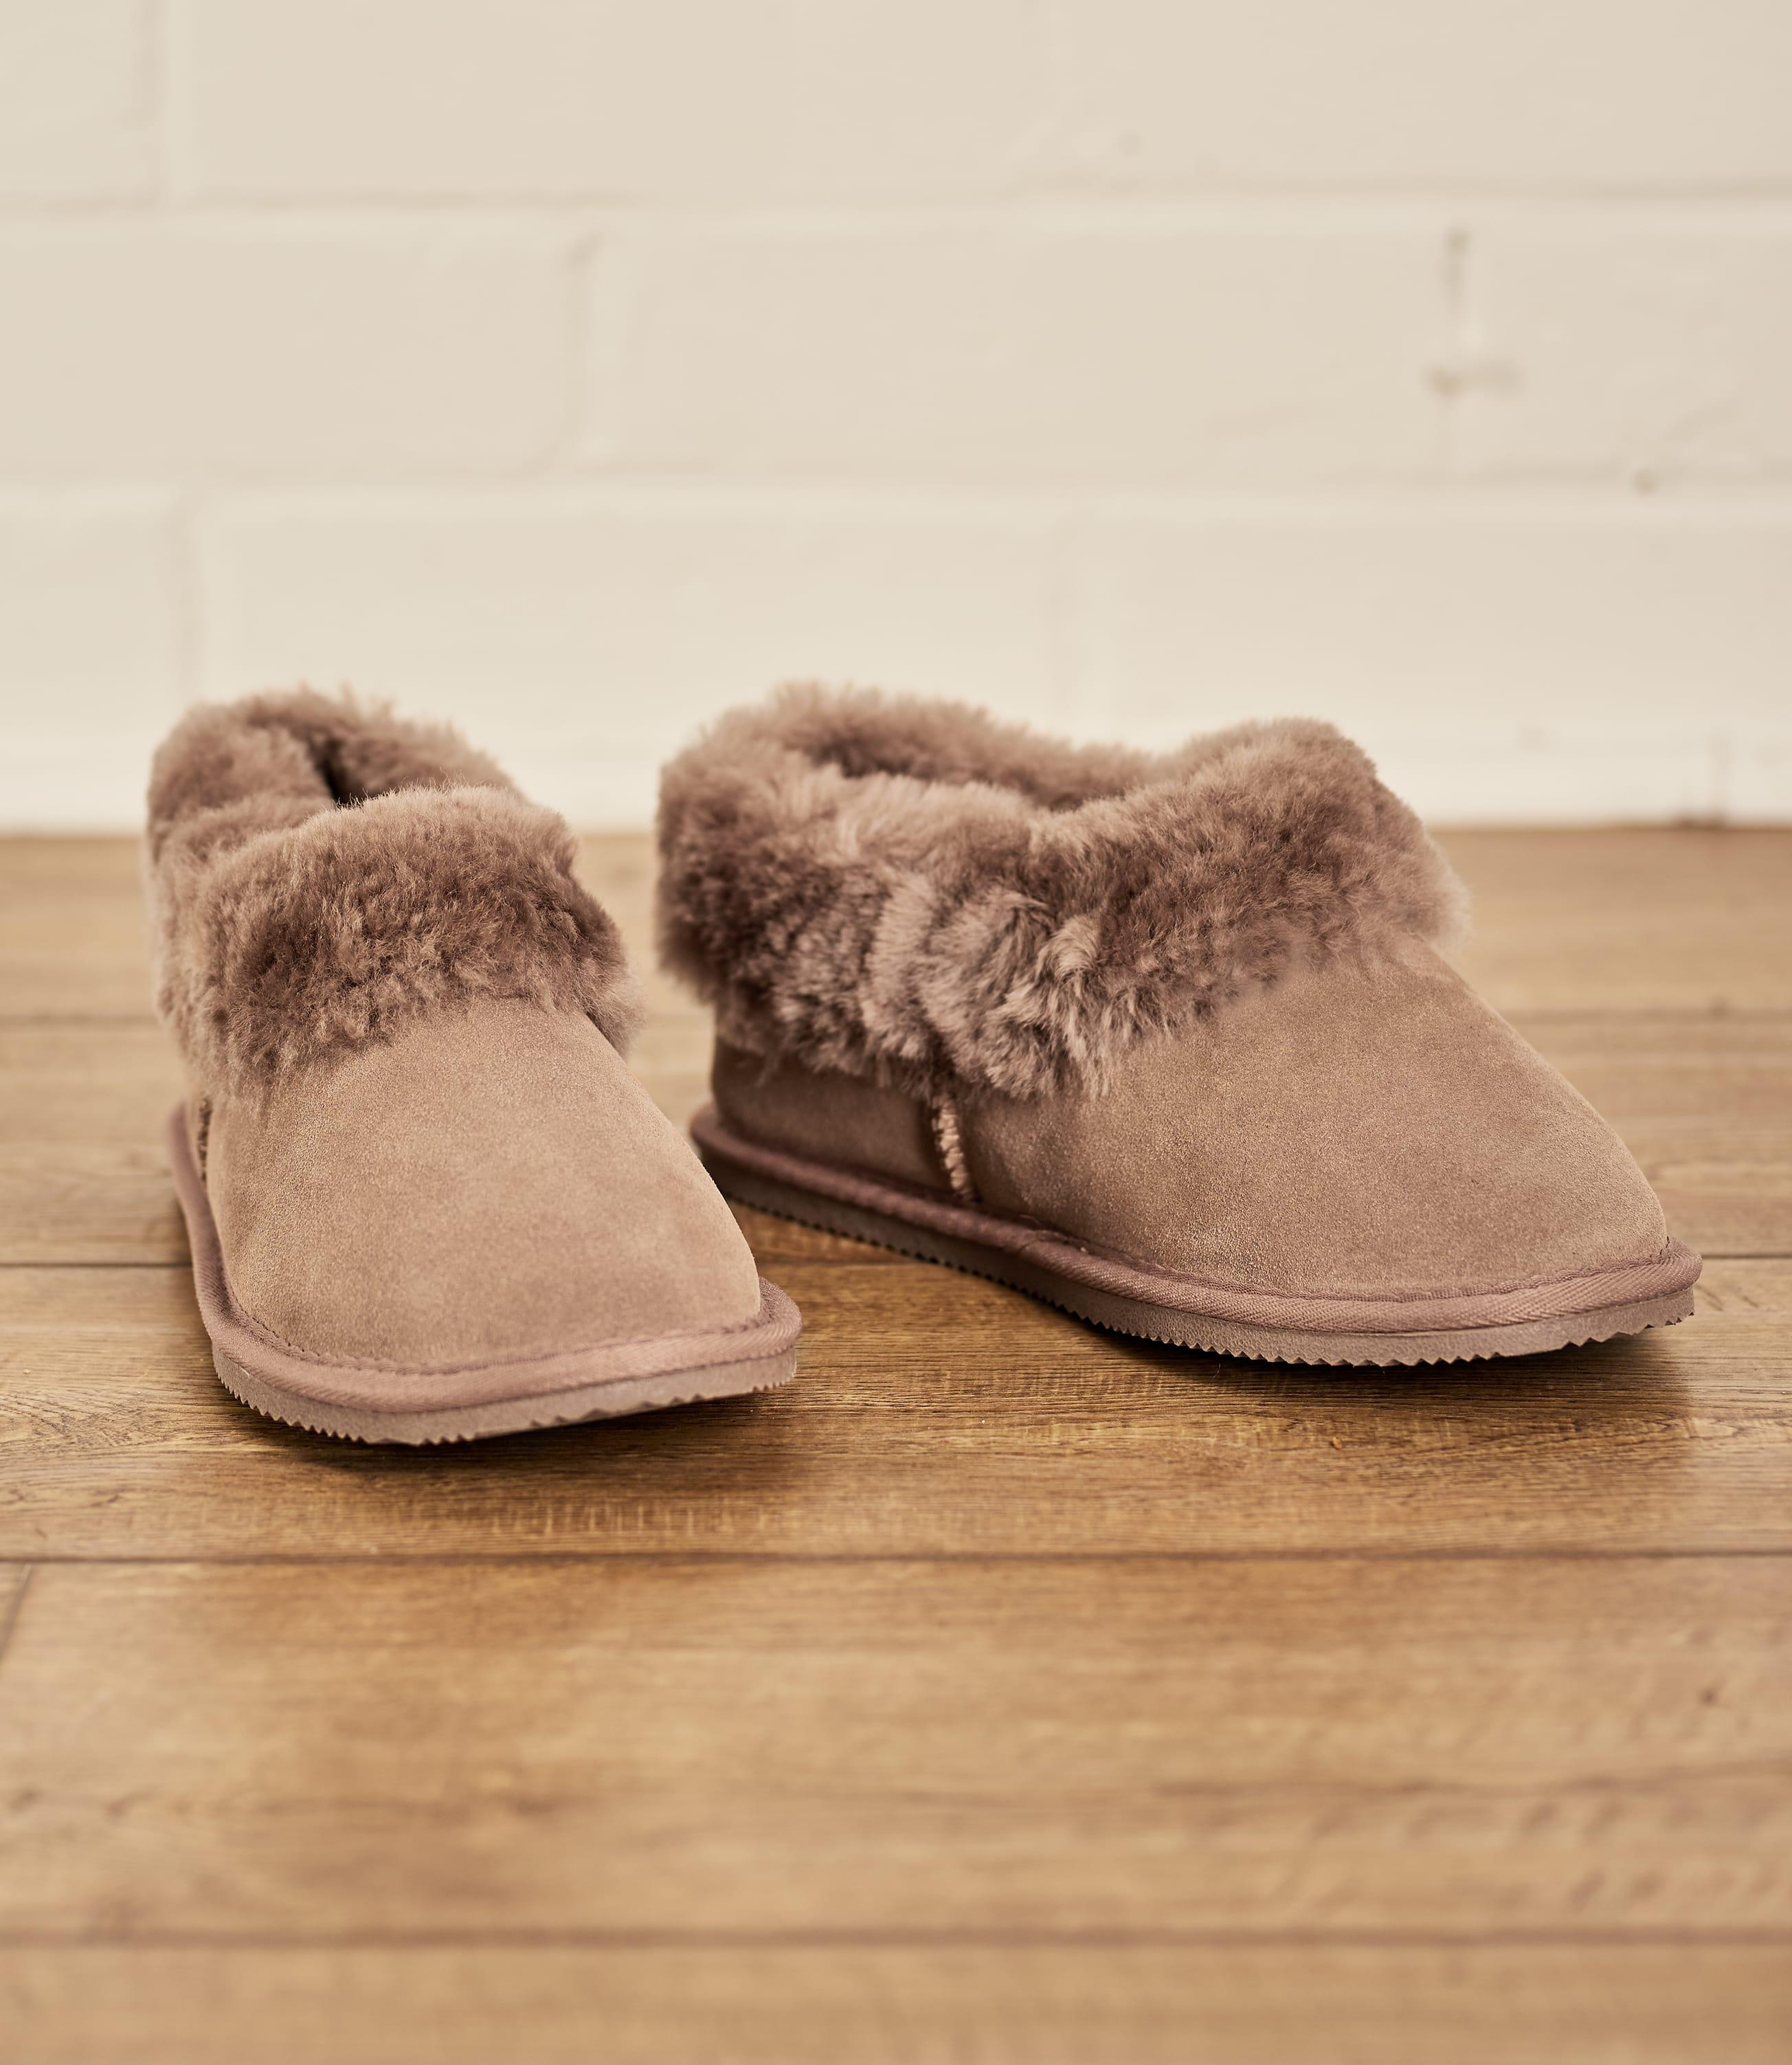 Chaussons bottes - Femme - Peau de Mouton